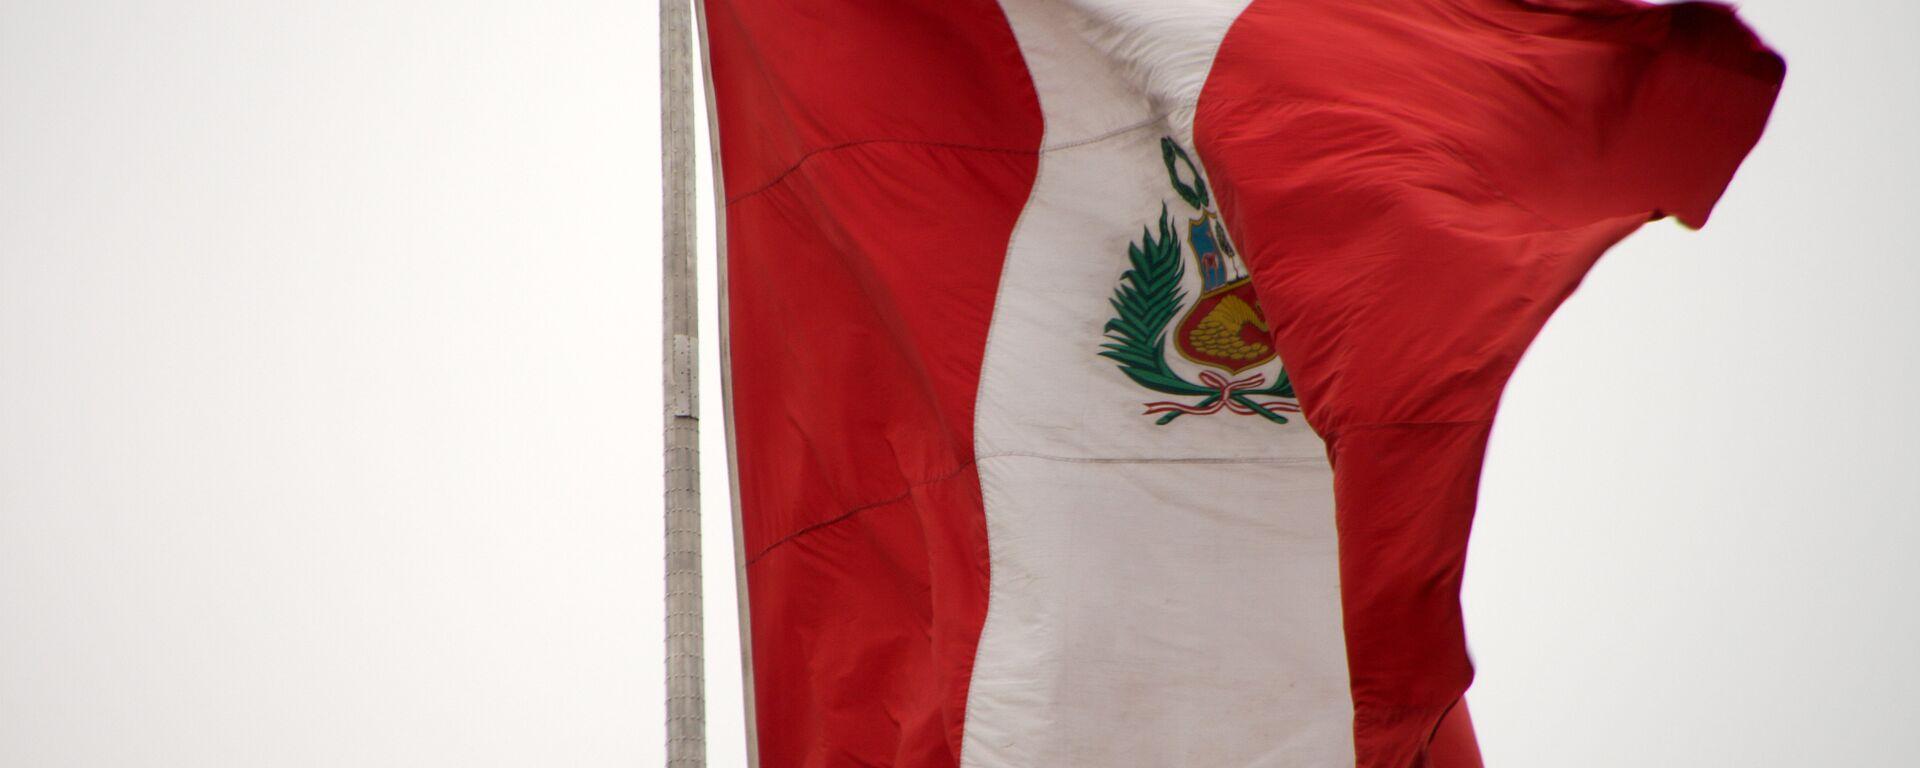 La bandera de Perú - Sputnik Mundo, 1920, 01.10.2021